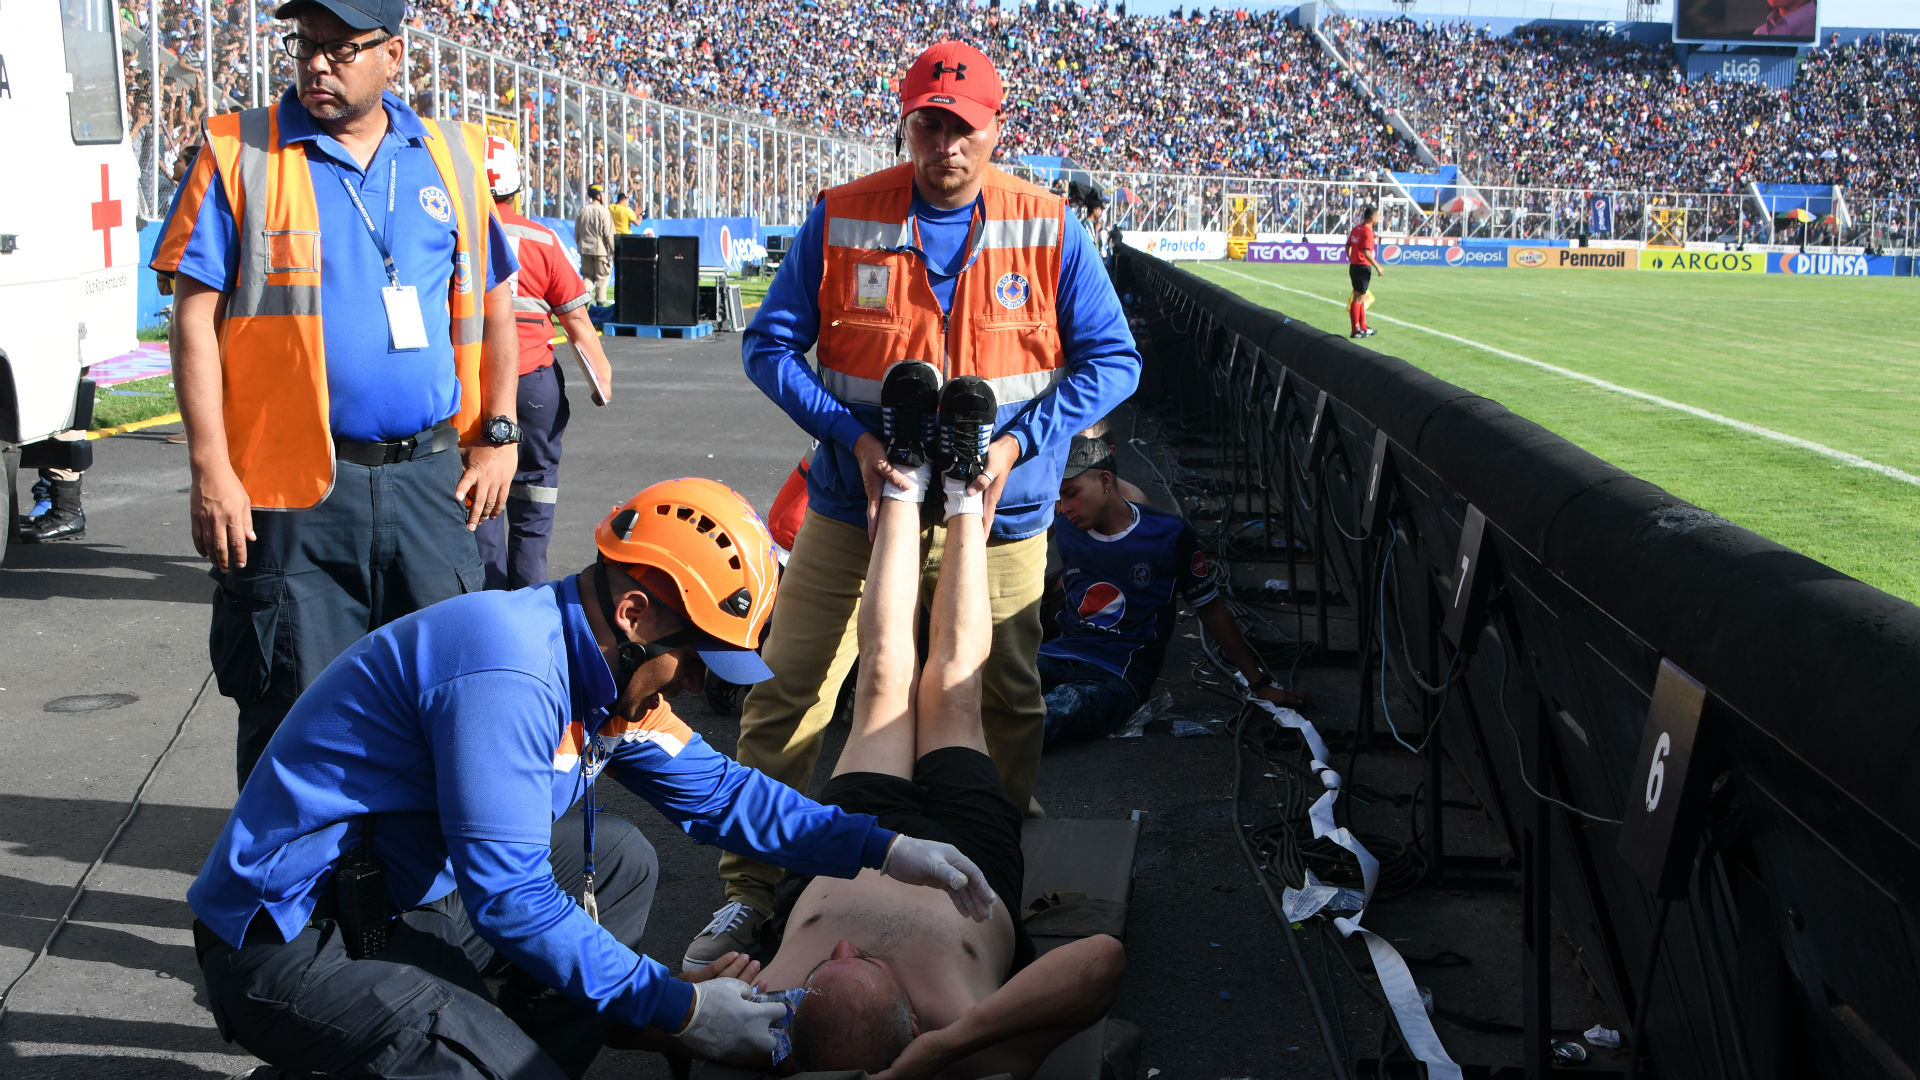 YOUTUBE Honduras, ressa tra tifosi allo stadio di Tegucigalpa: almeno 4 morti